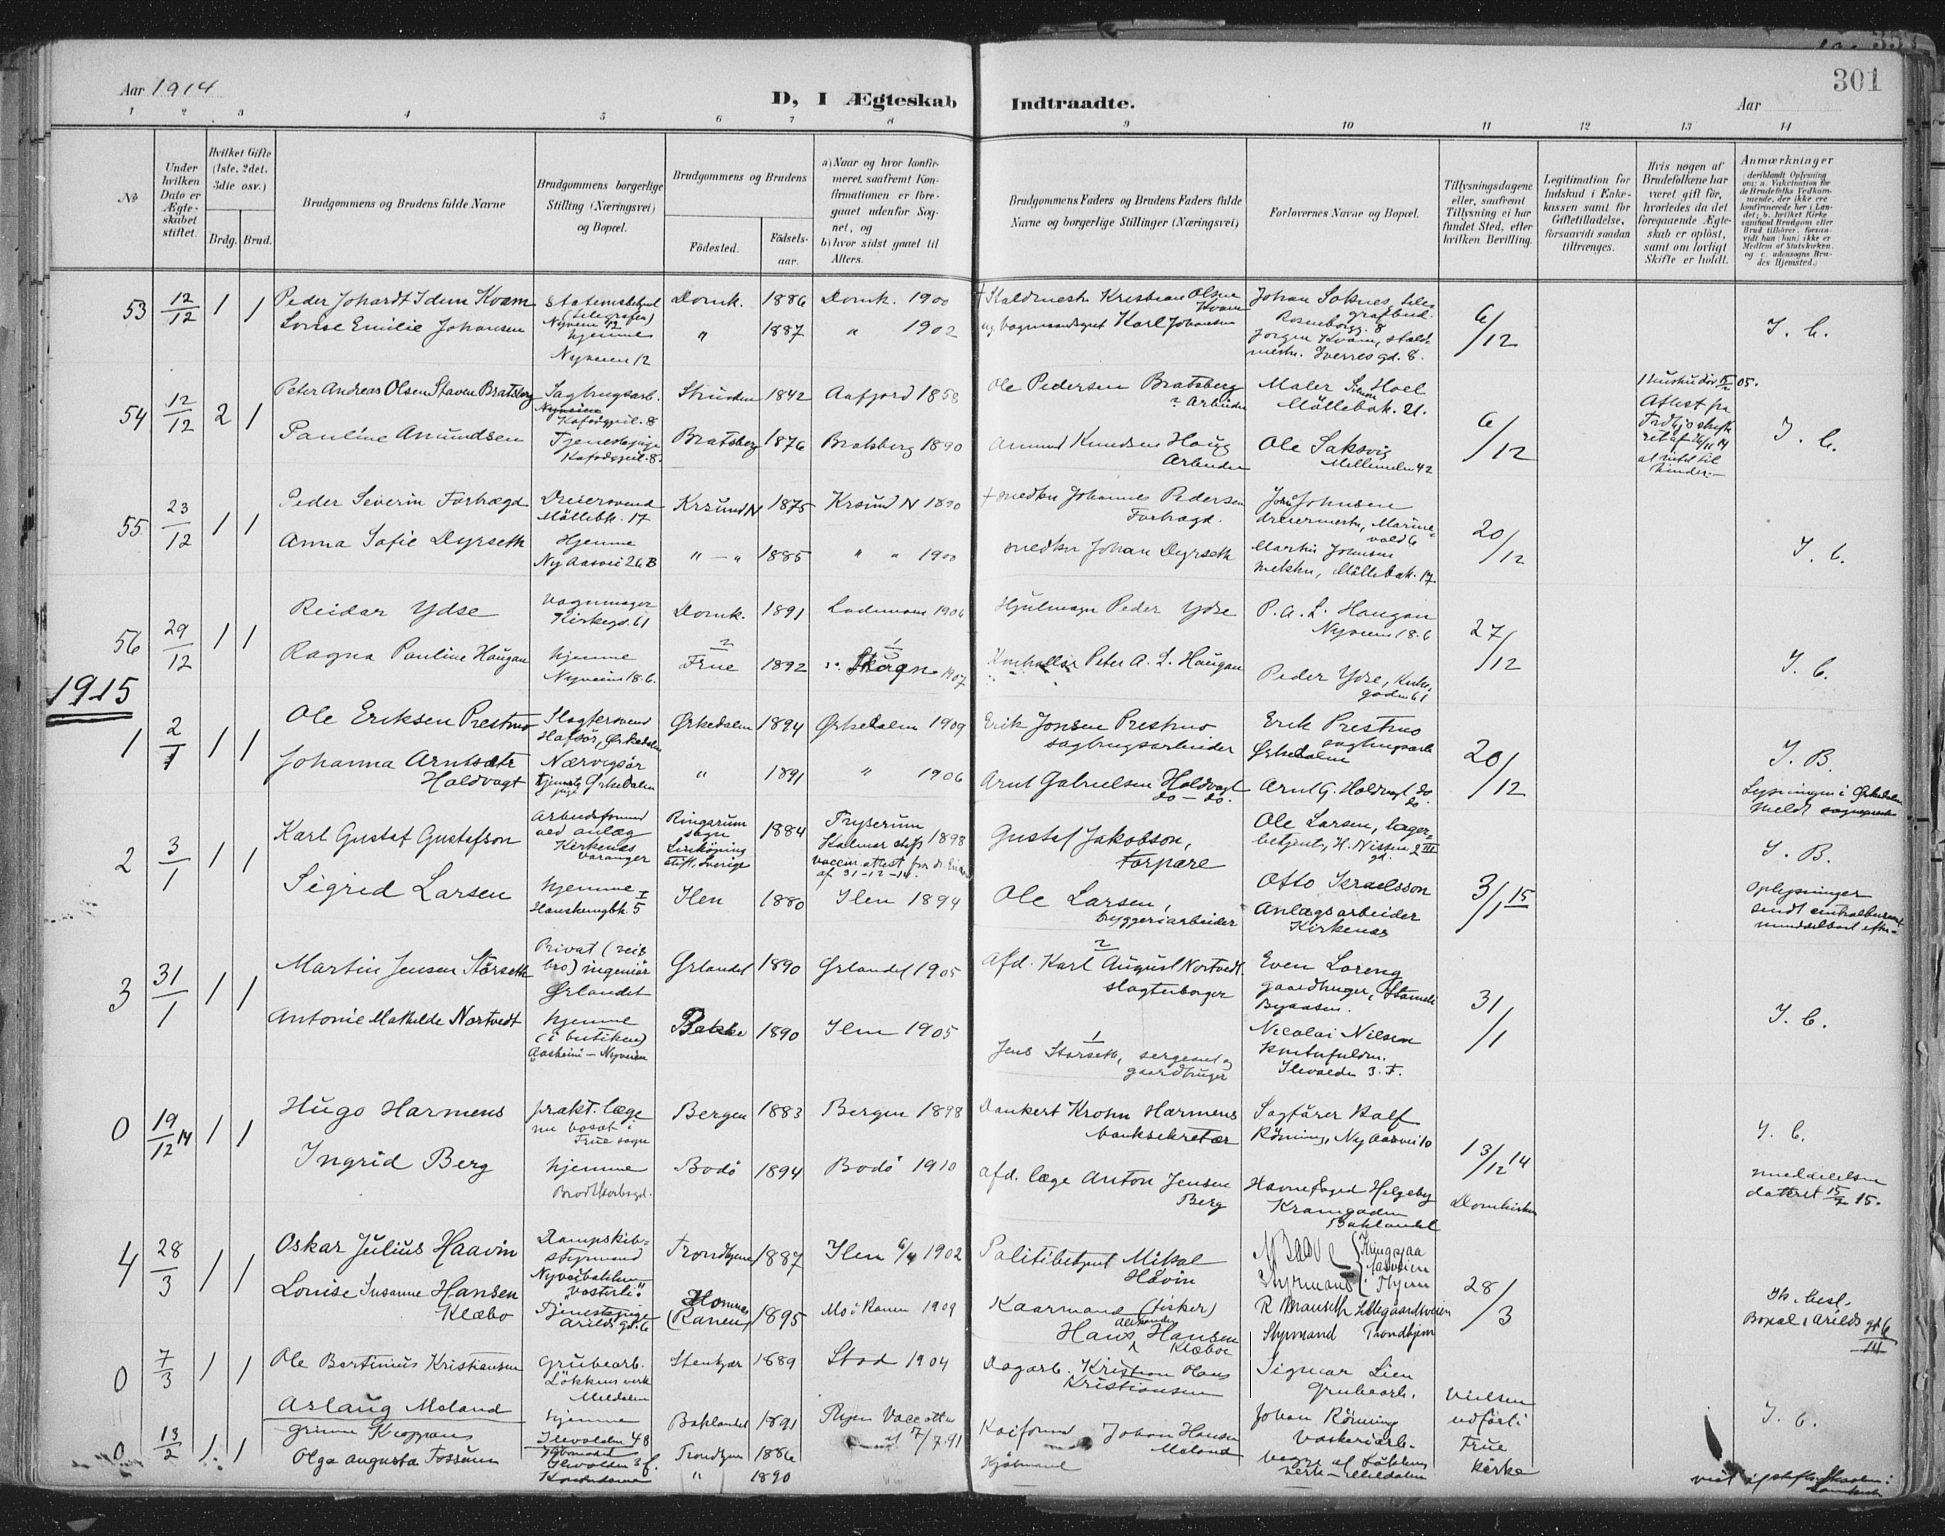 SAT, Ministerialprotokoller, klokkerbøker og fødselsregistre - Sør-Trøndelag, 603/L0167: Ministerialbok nr. 603A06, 1896-1932, s. 301